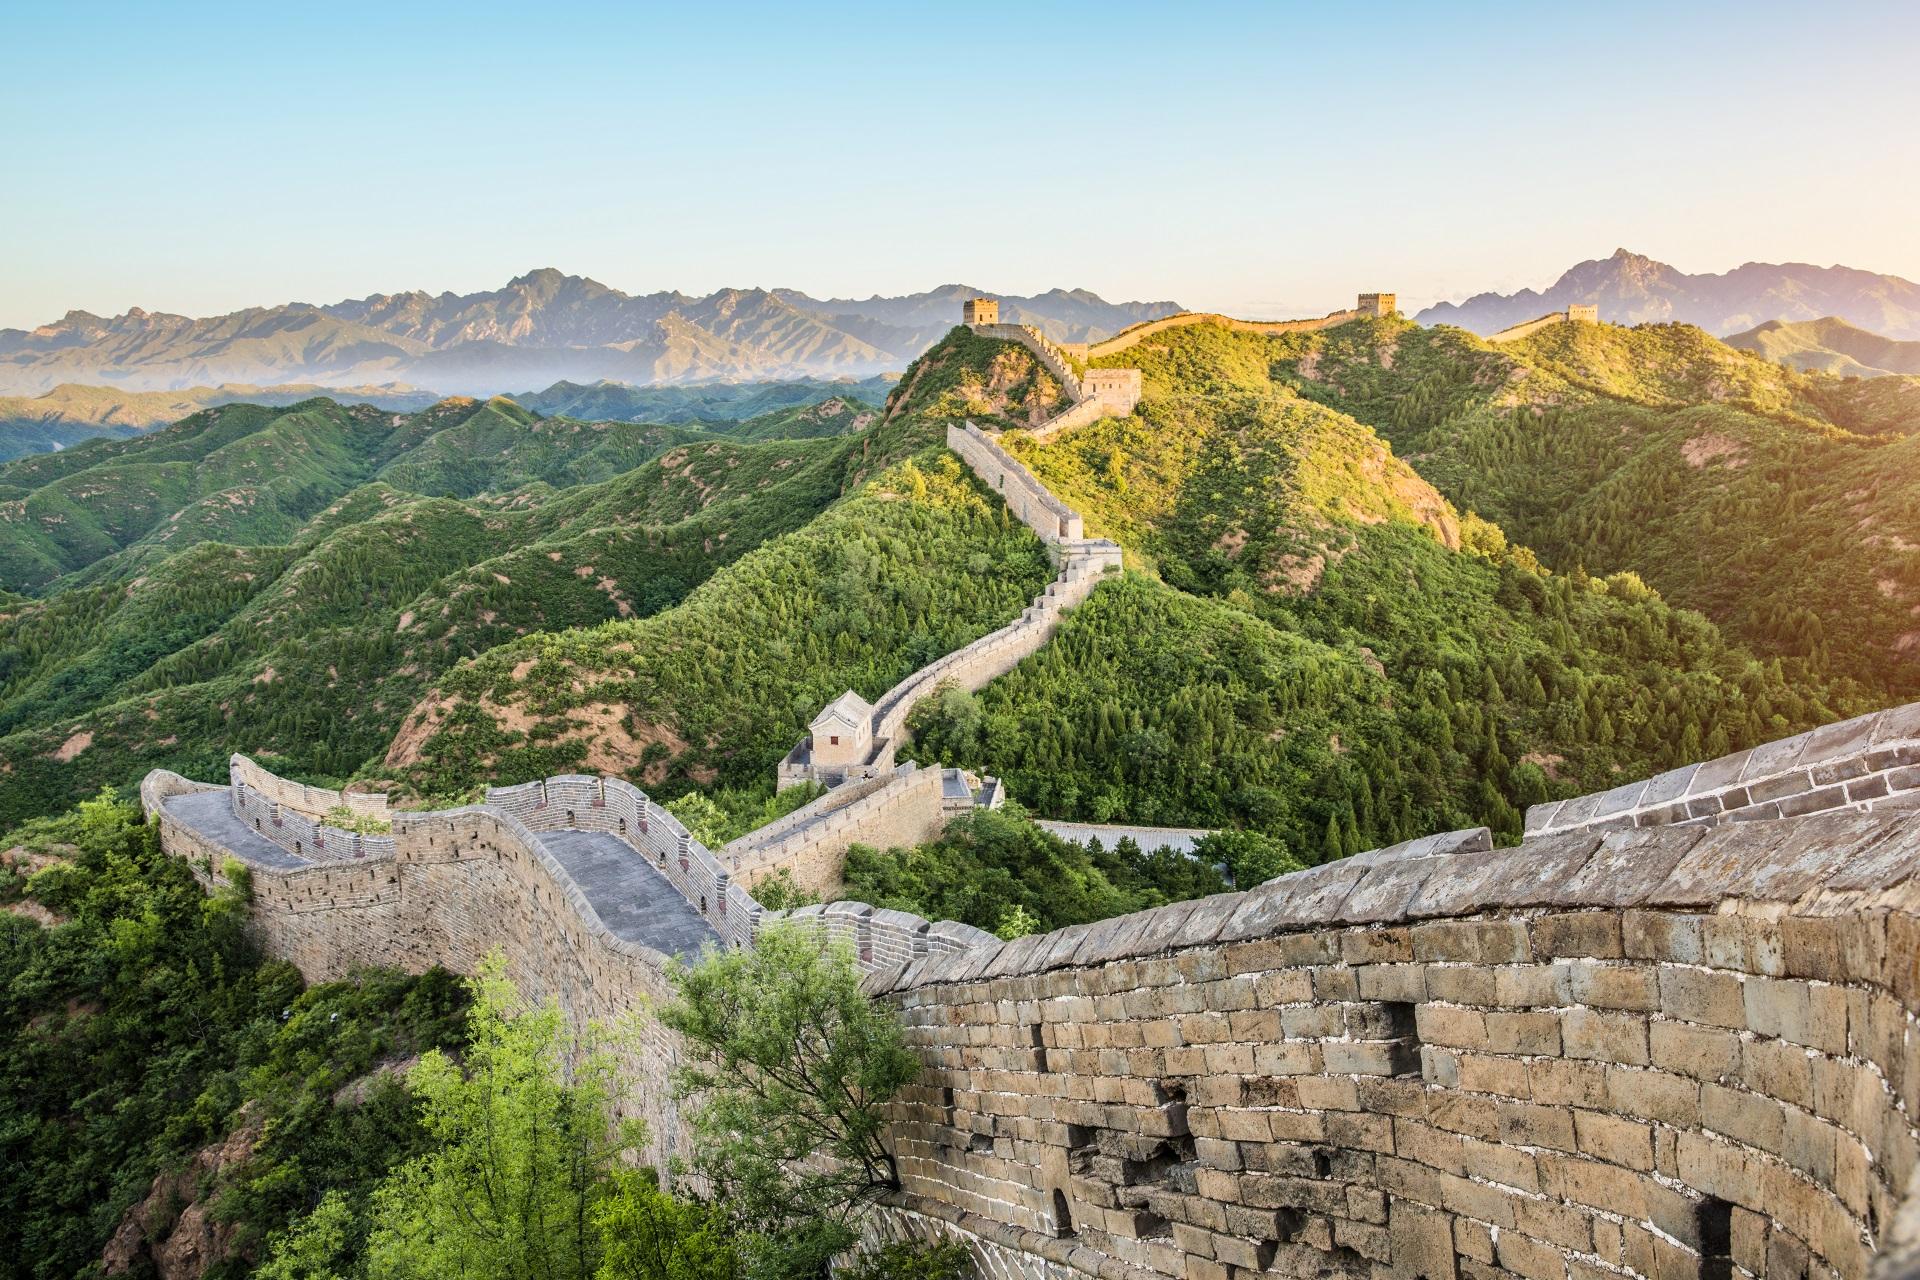 Die Chinesische Mauer steht ganz weit oben auf der Liste der wichtigsten Sehenswürdigkeiten in China.